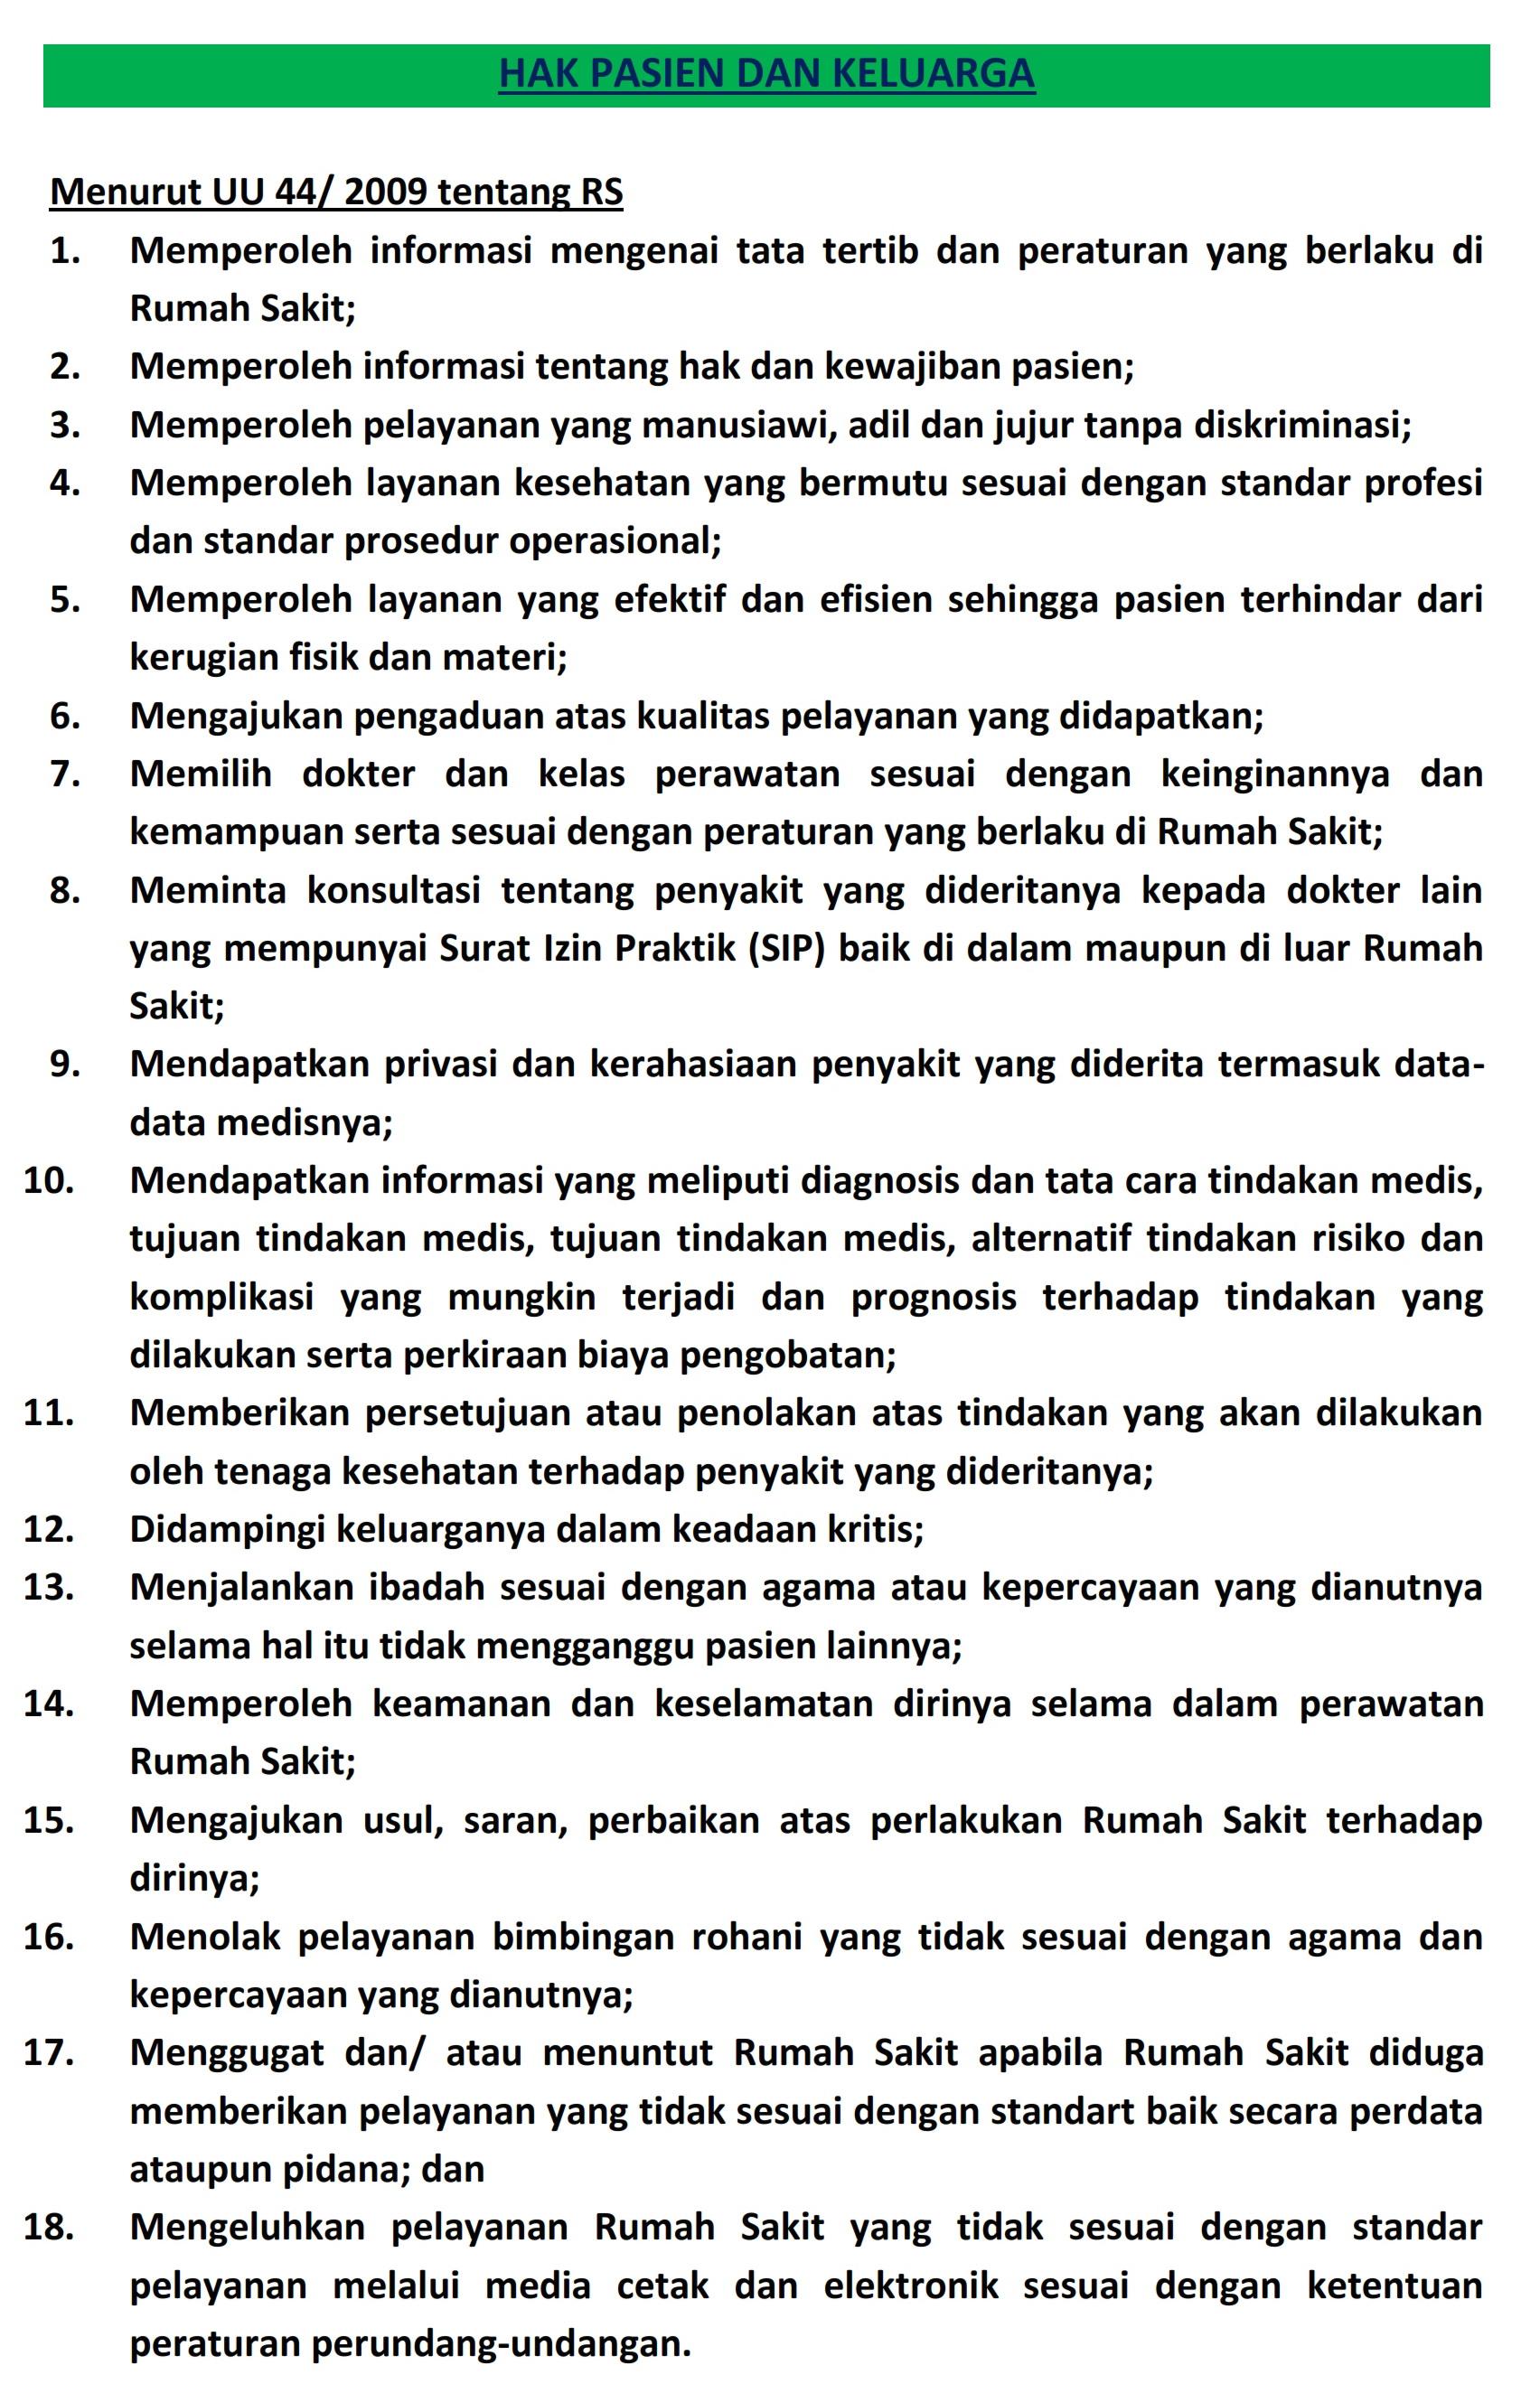 hak-dan-kewajiban-pasien-keluarga_001